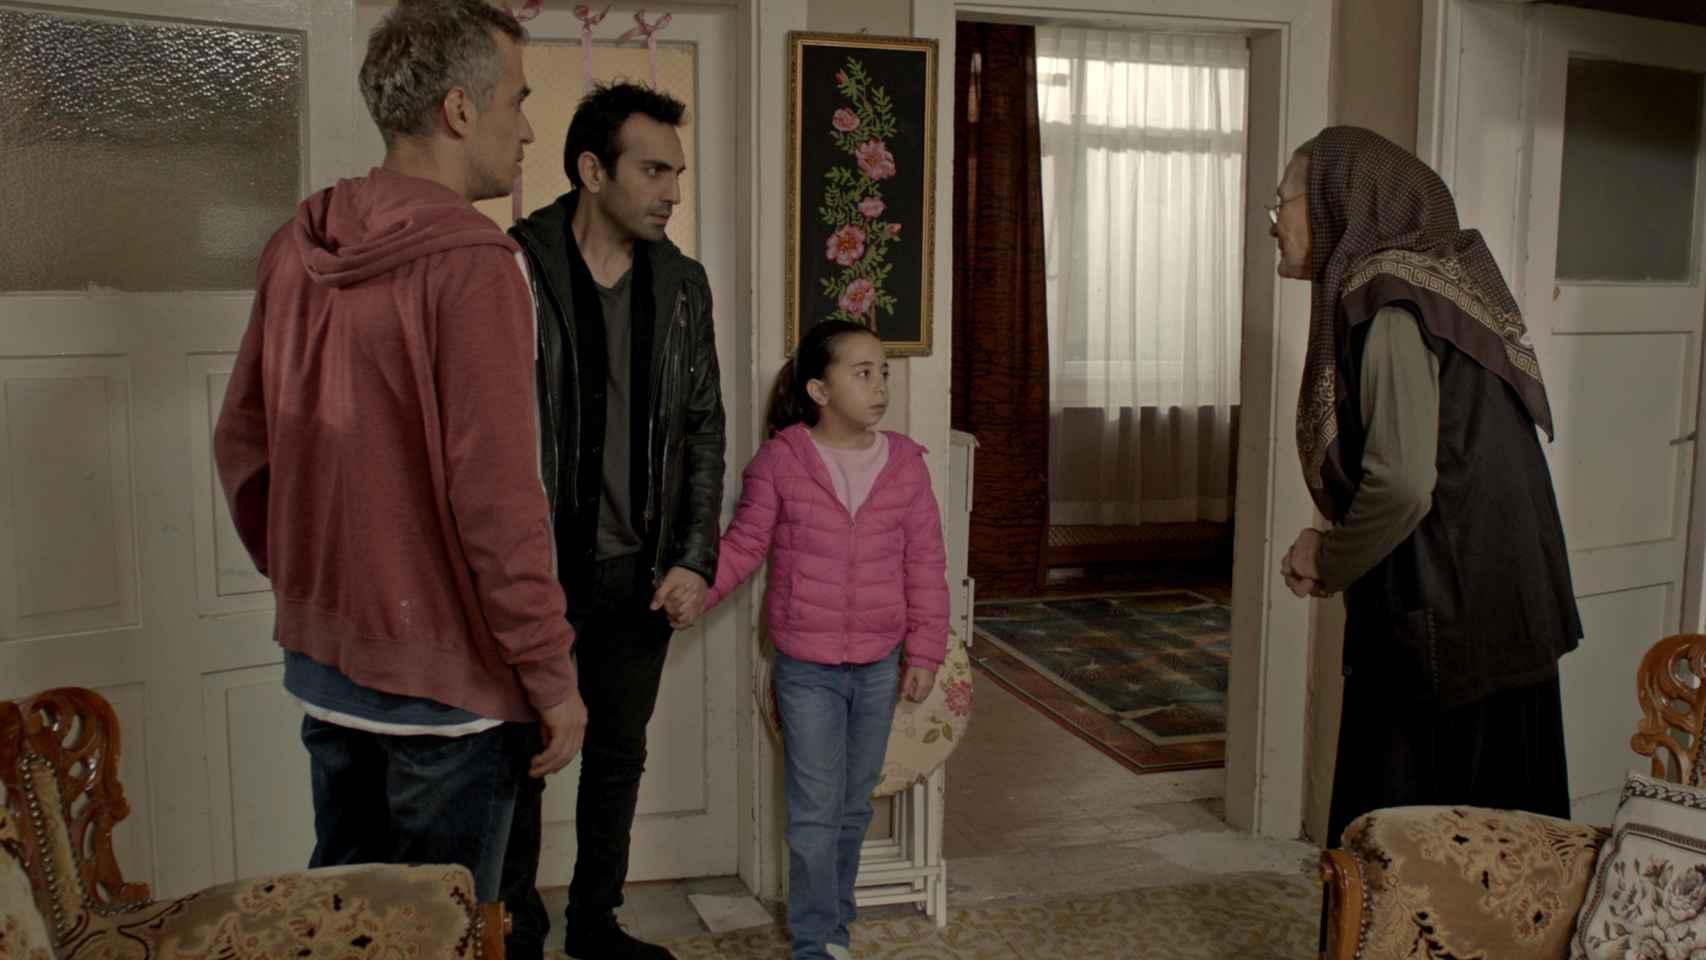 Avance del capítulo 9 de 'Mi hija' que Antena 3 emite este domingo 15